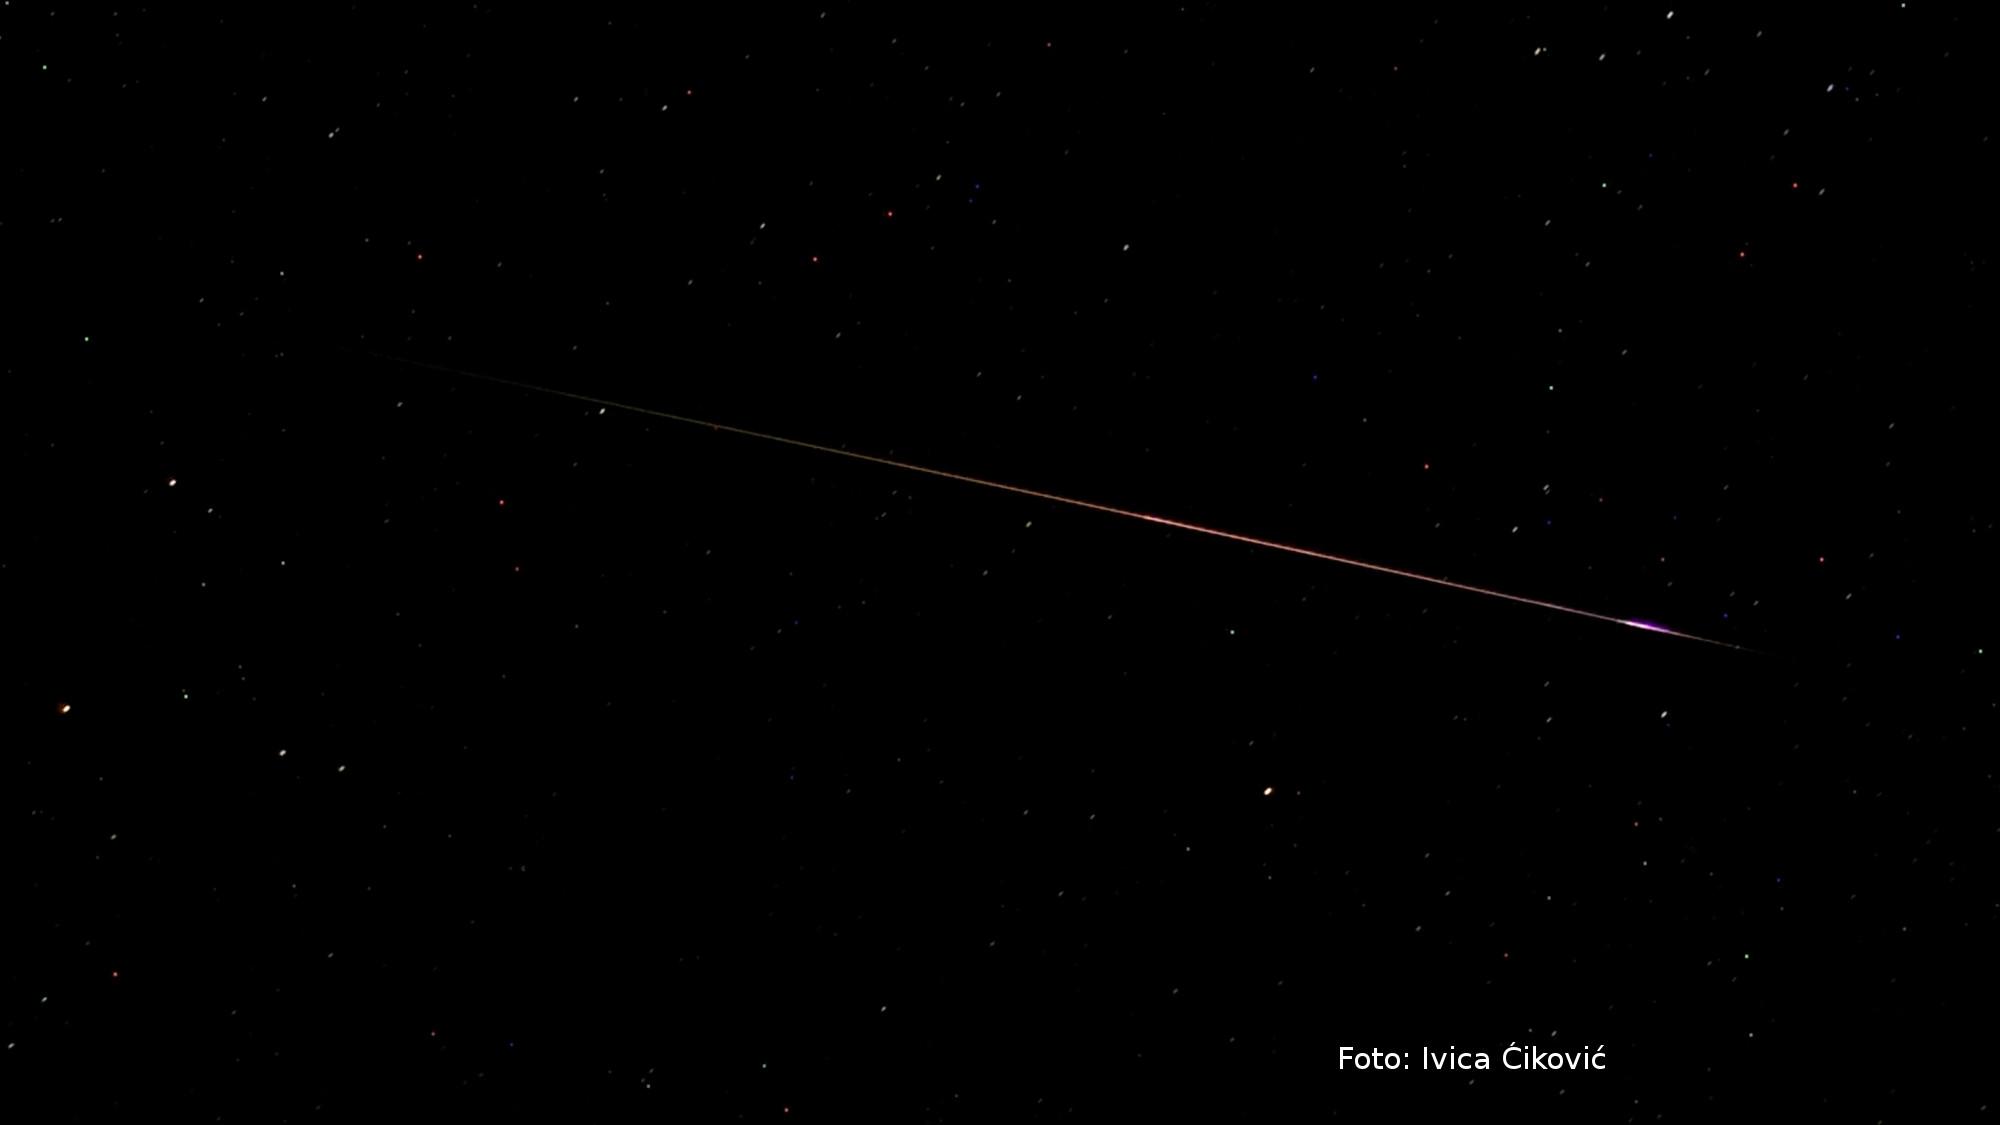 Treća najbolja ovogodišnja fotografija meteora u svijetu